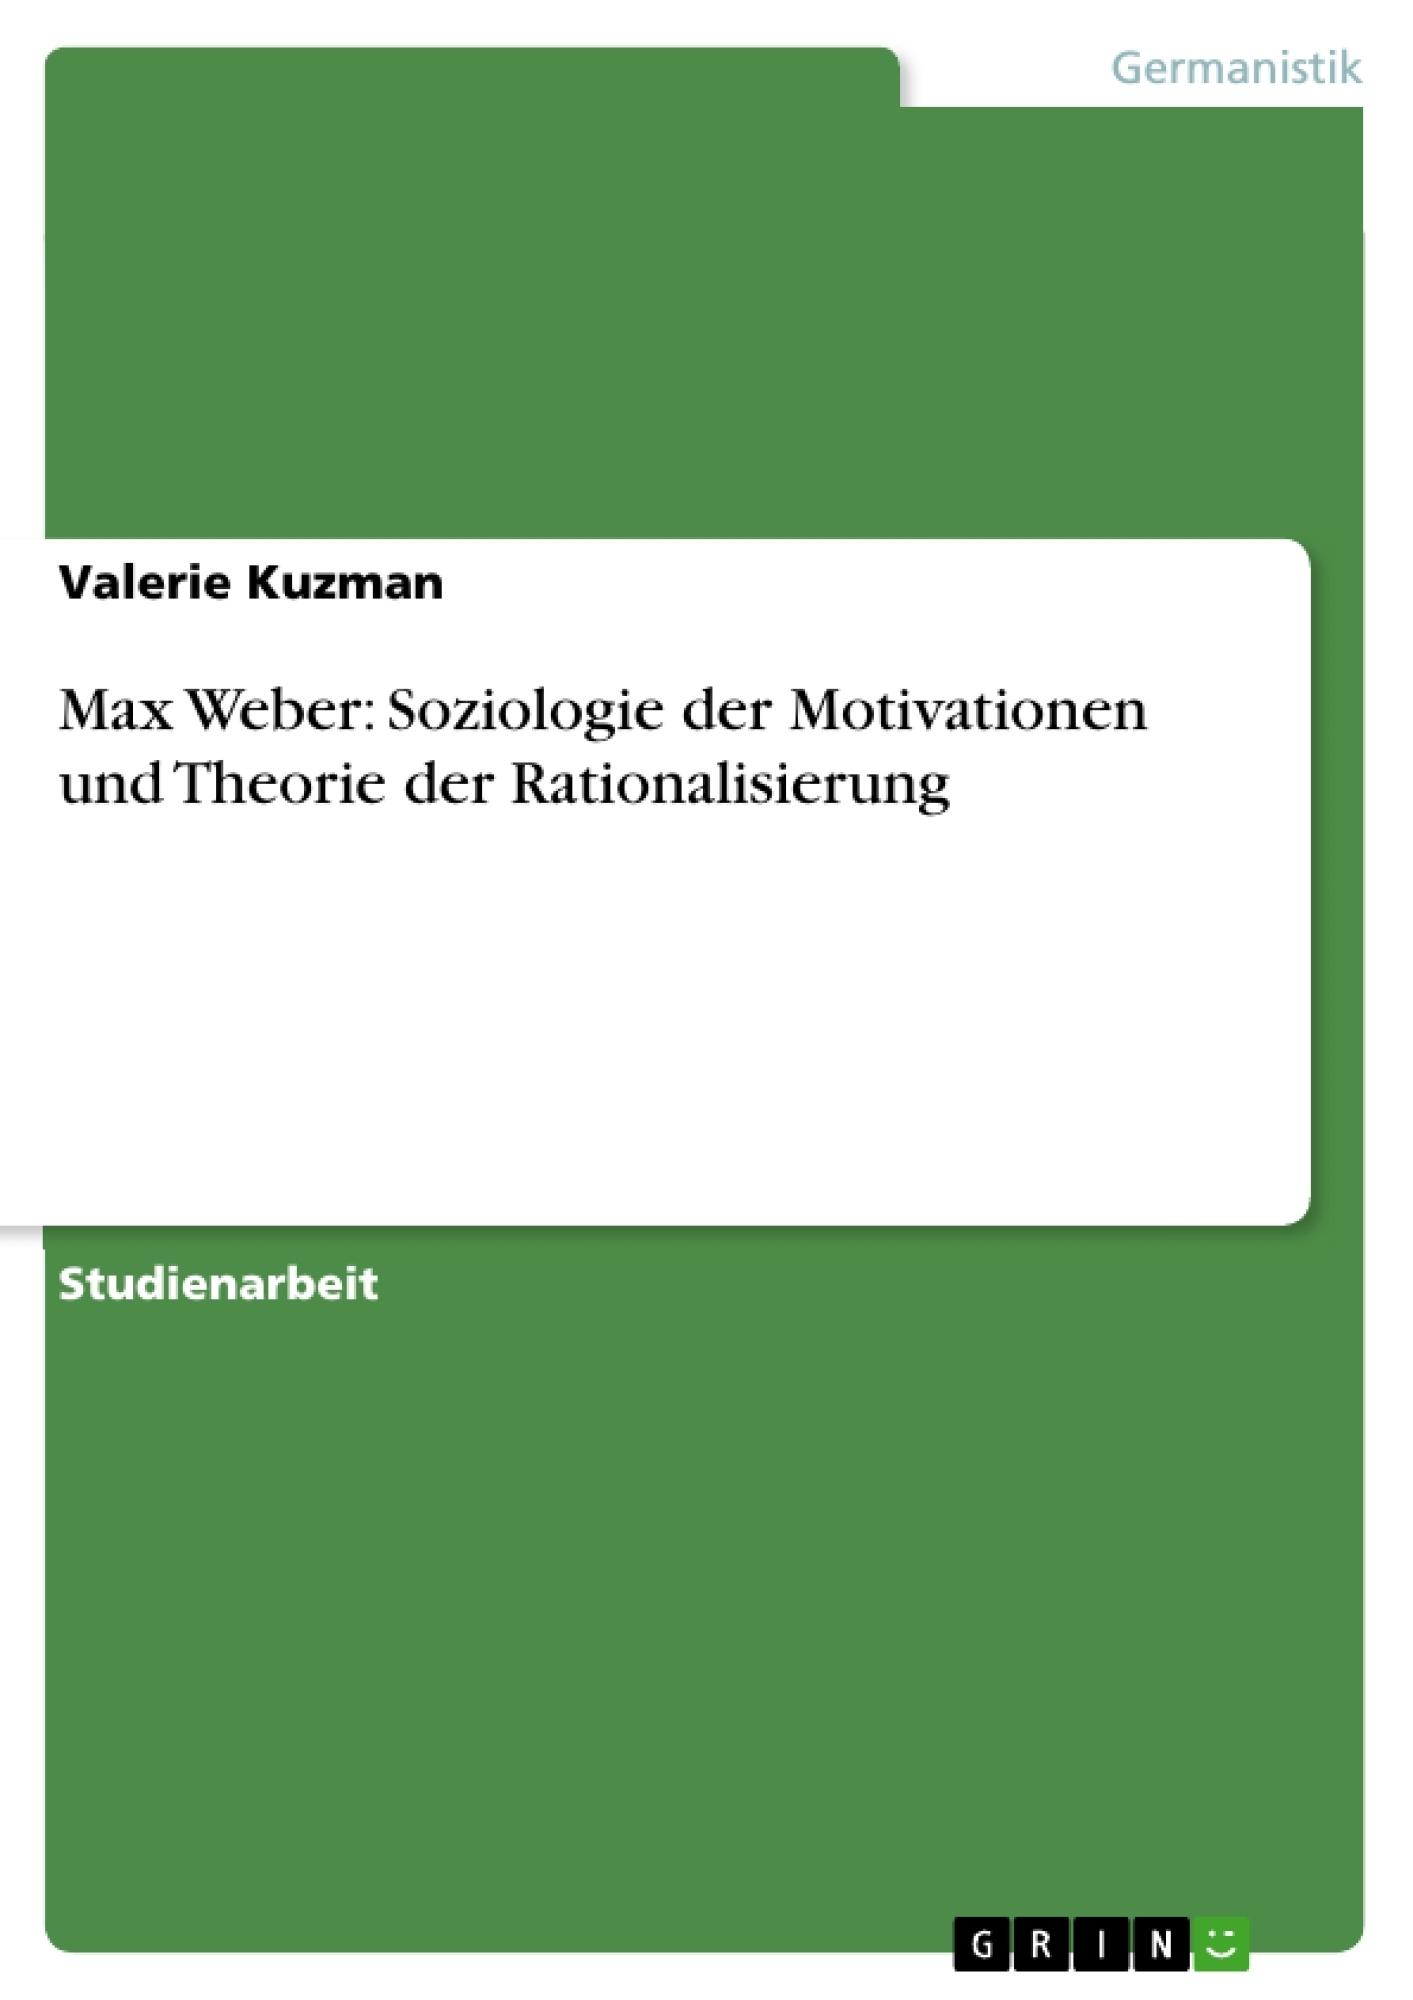 Titel: Max Weber: Soziologie der Motivationen und Theorie der Rationalisierung